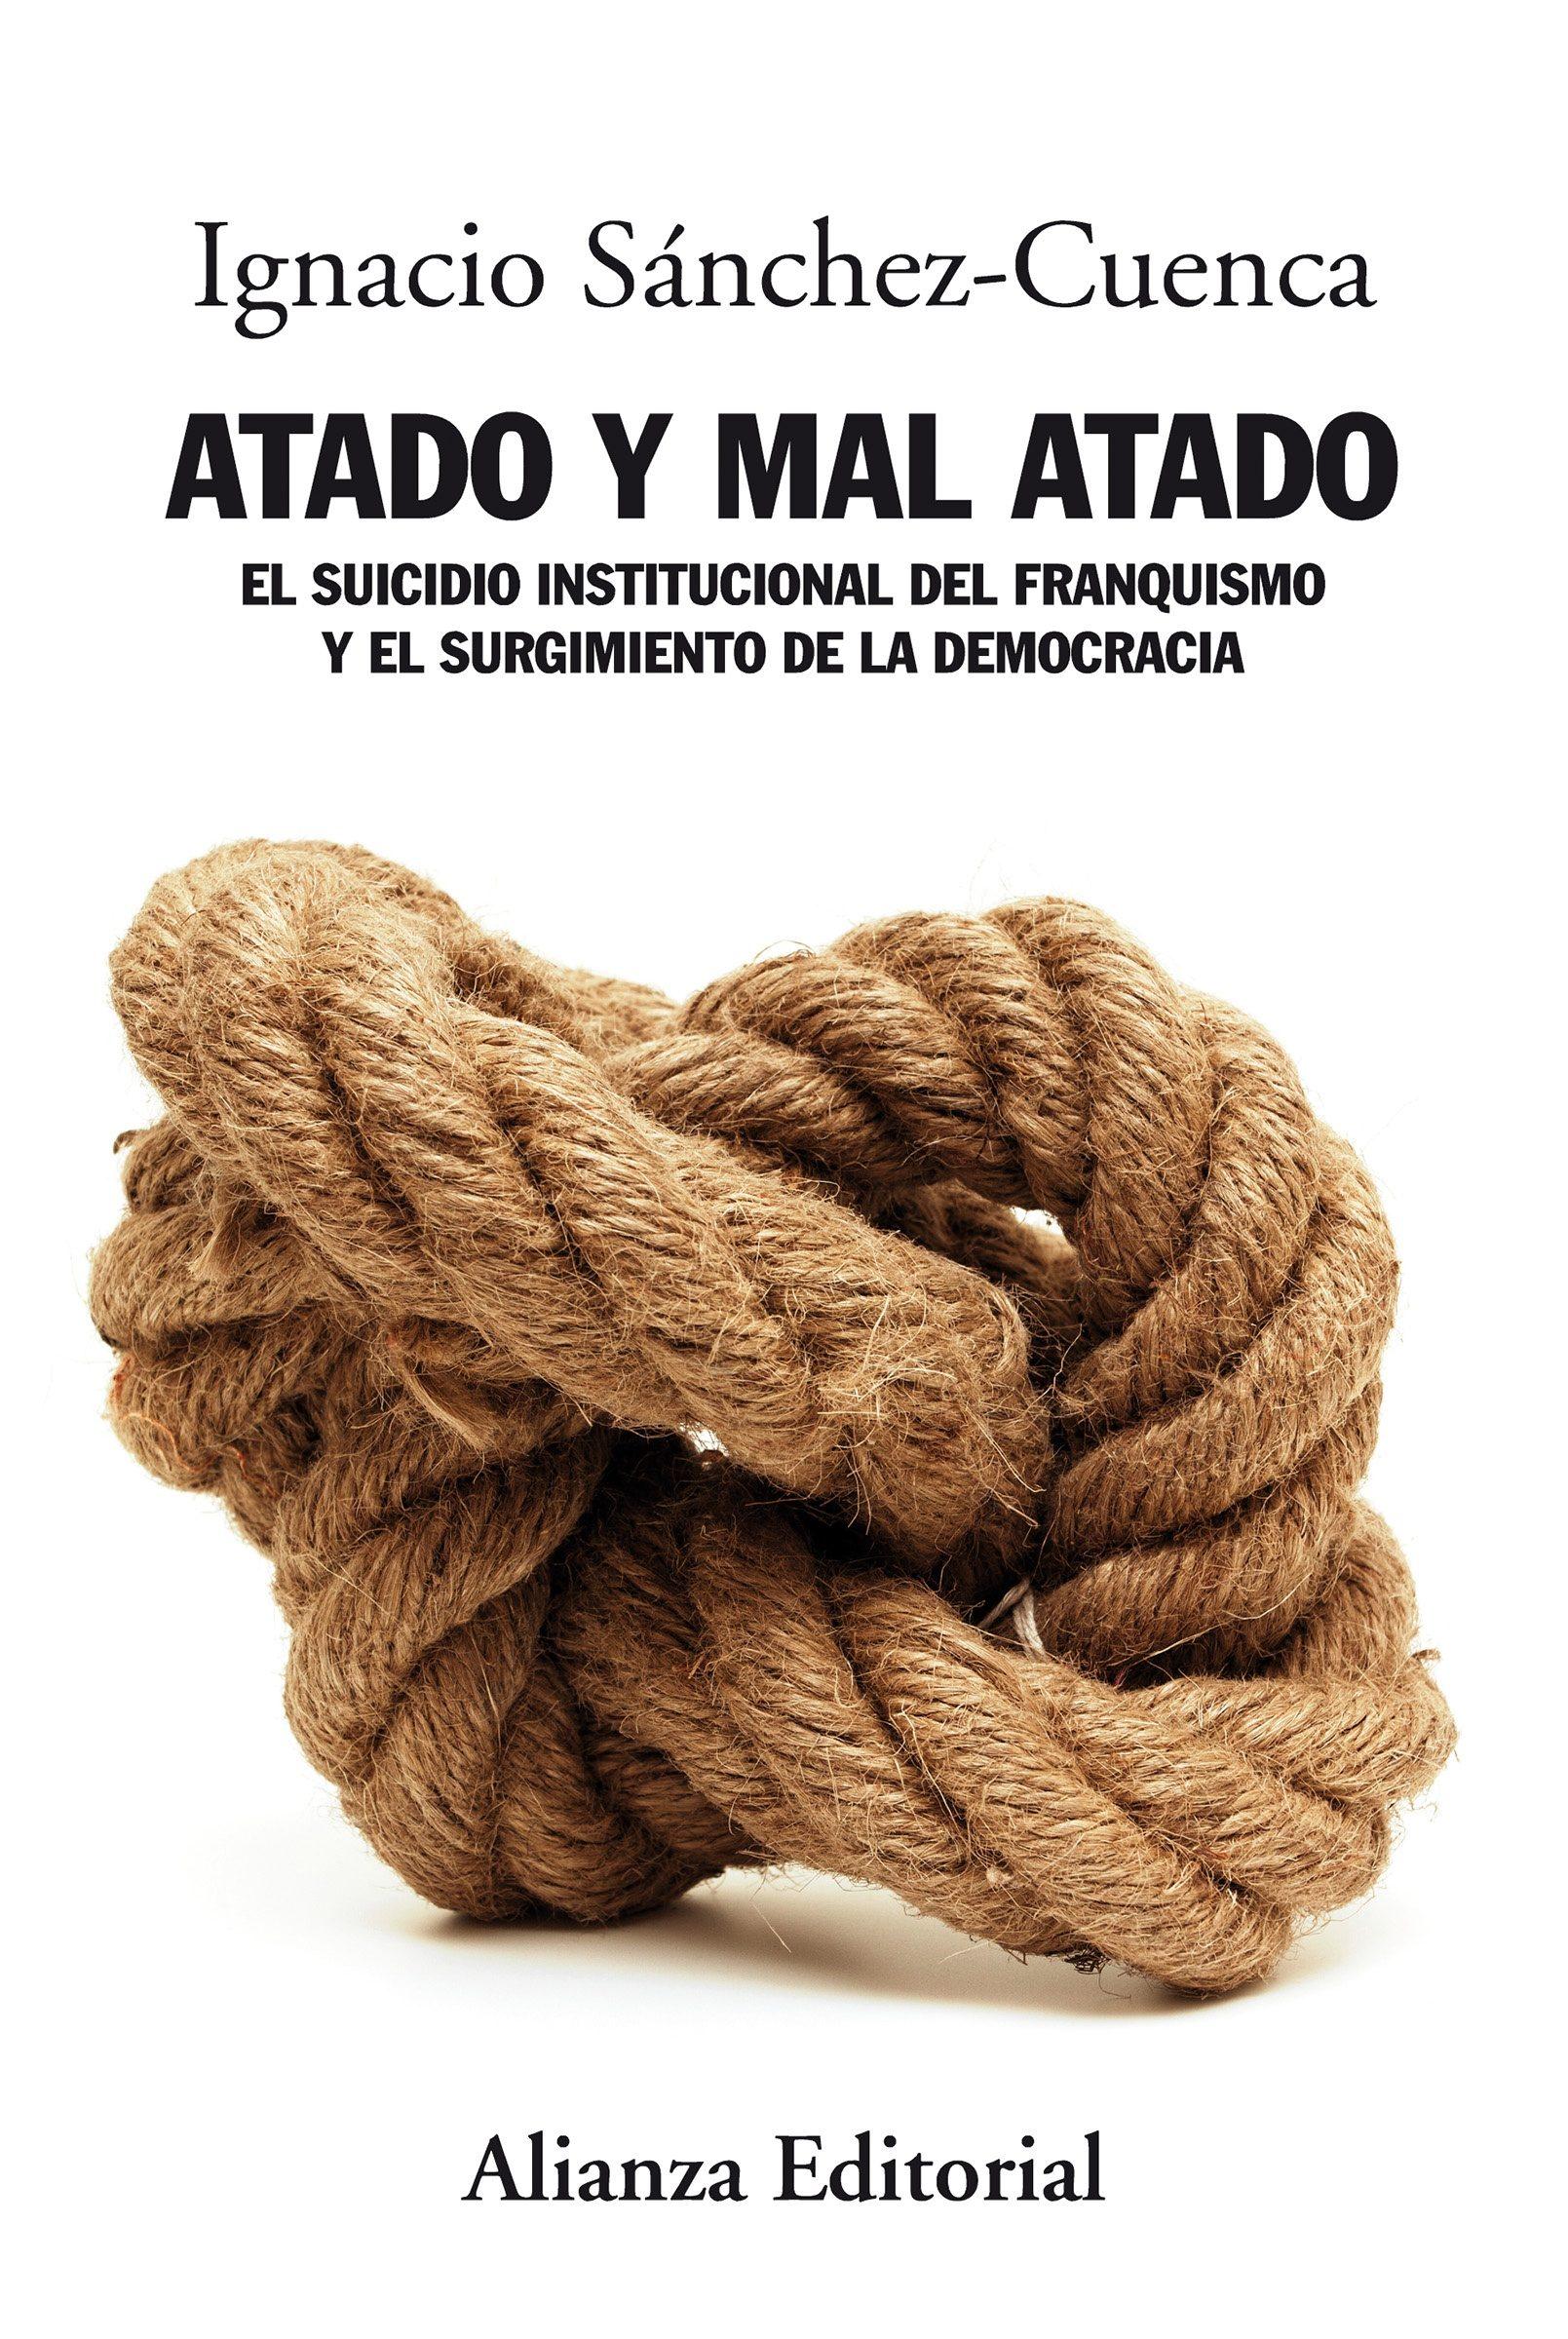 Atado Y Mal Atado   por Ignacio Sanchez-cuenca epub